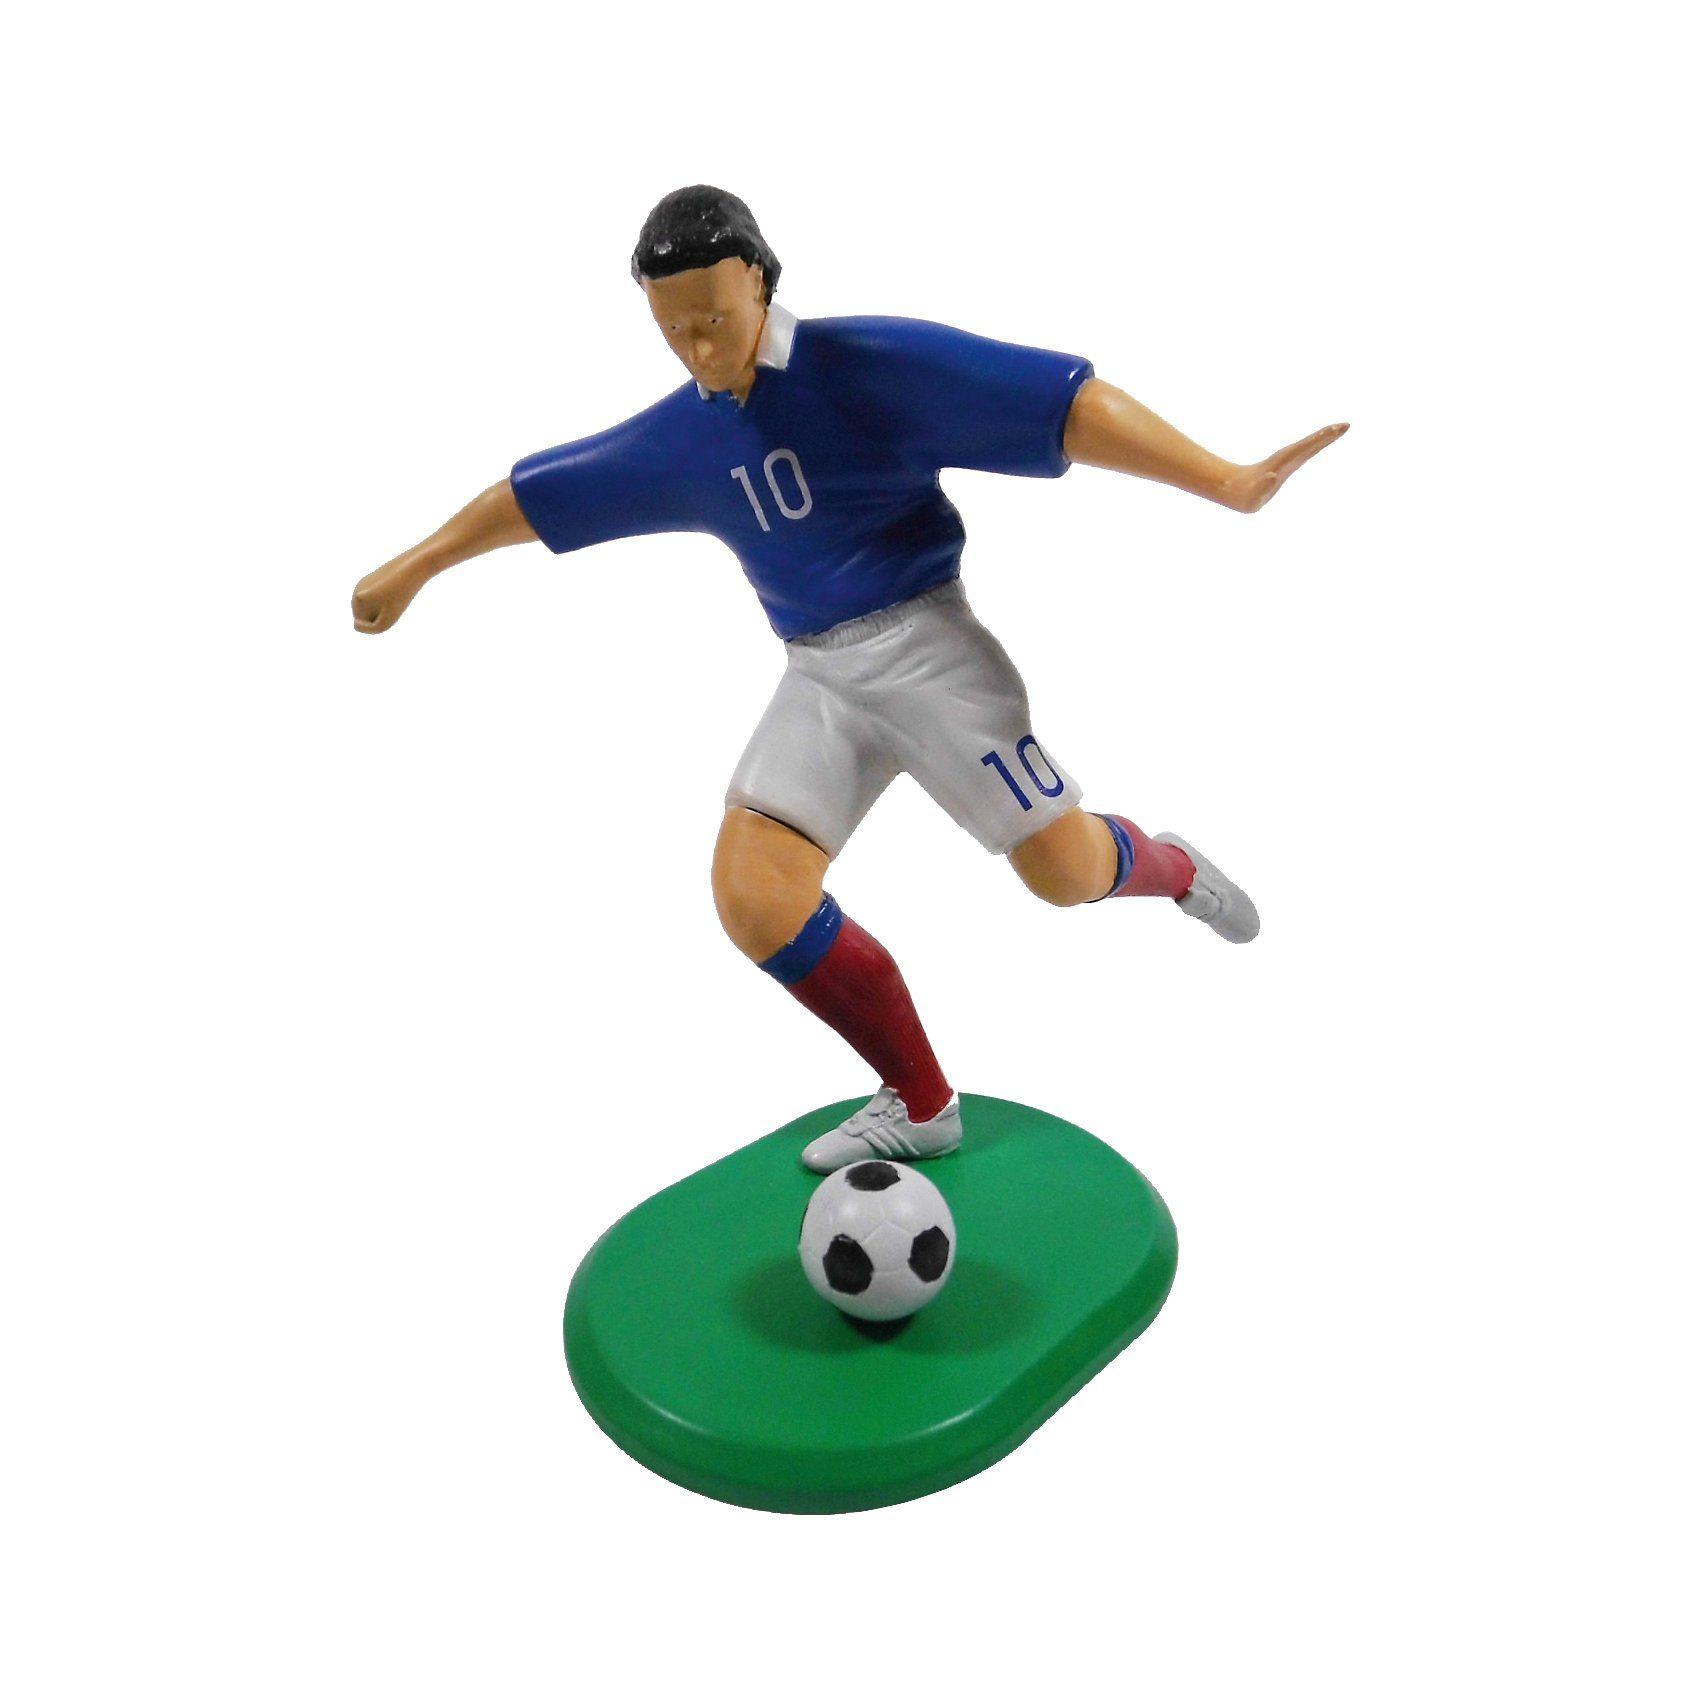 Glow2B Fußballspieler Frankreich 2016 - Modellbausatz mit Farben